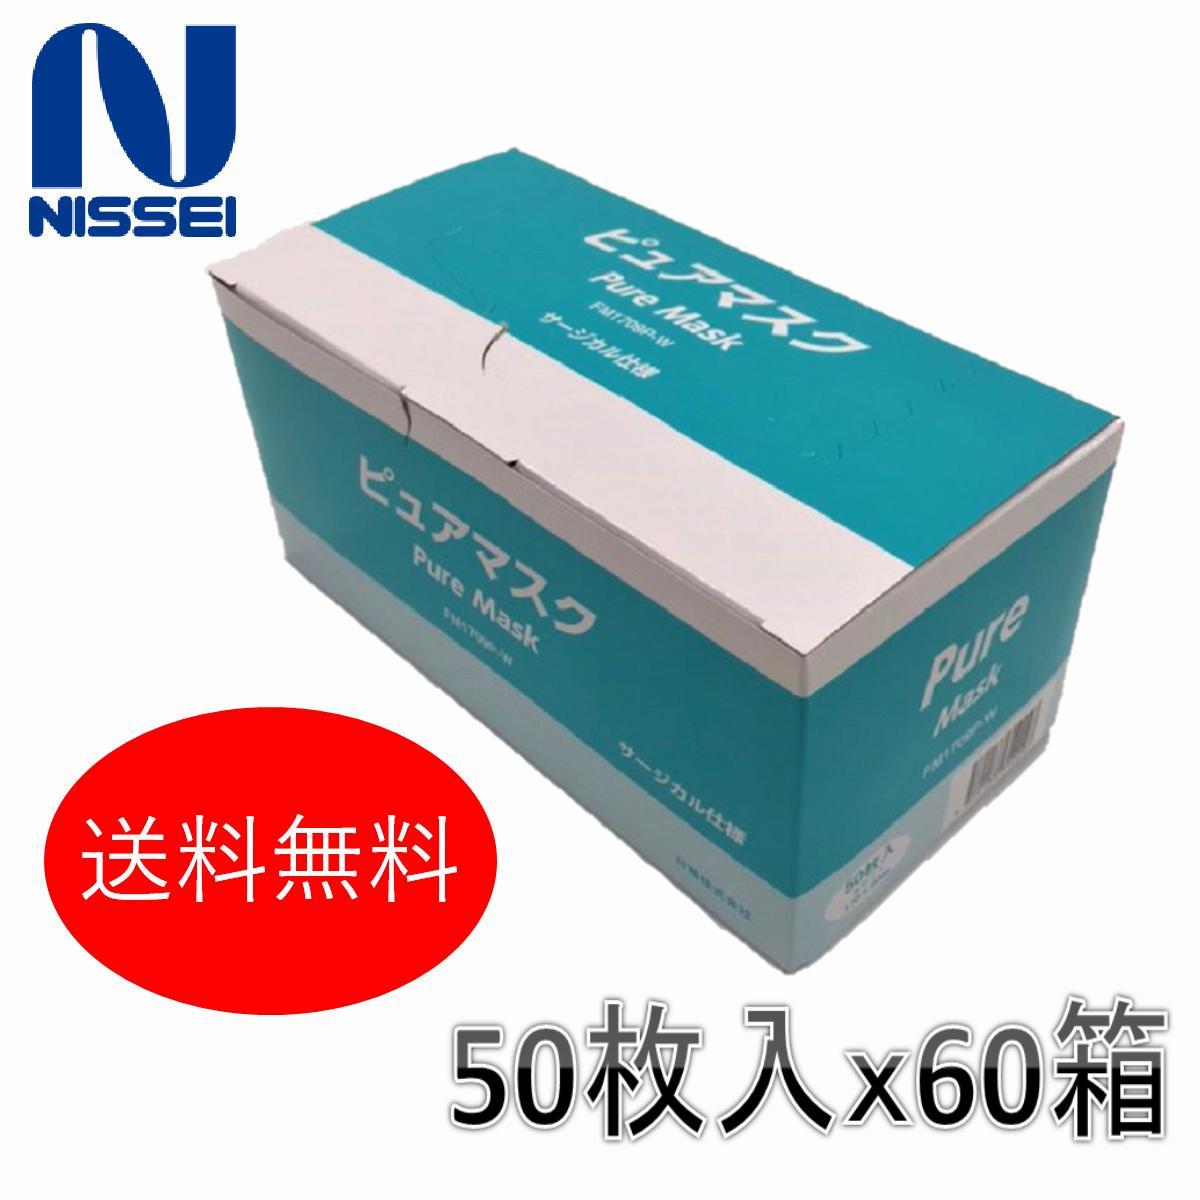 ピュアマスク(50枚x60箱入=3000枚入)/風邪・花粉症対策、粉塵対策に/3層マスク/サージカルマスク/使い捨て/メーカー直送